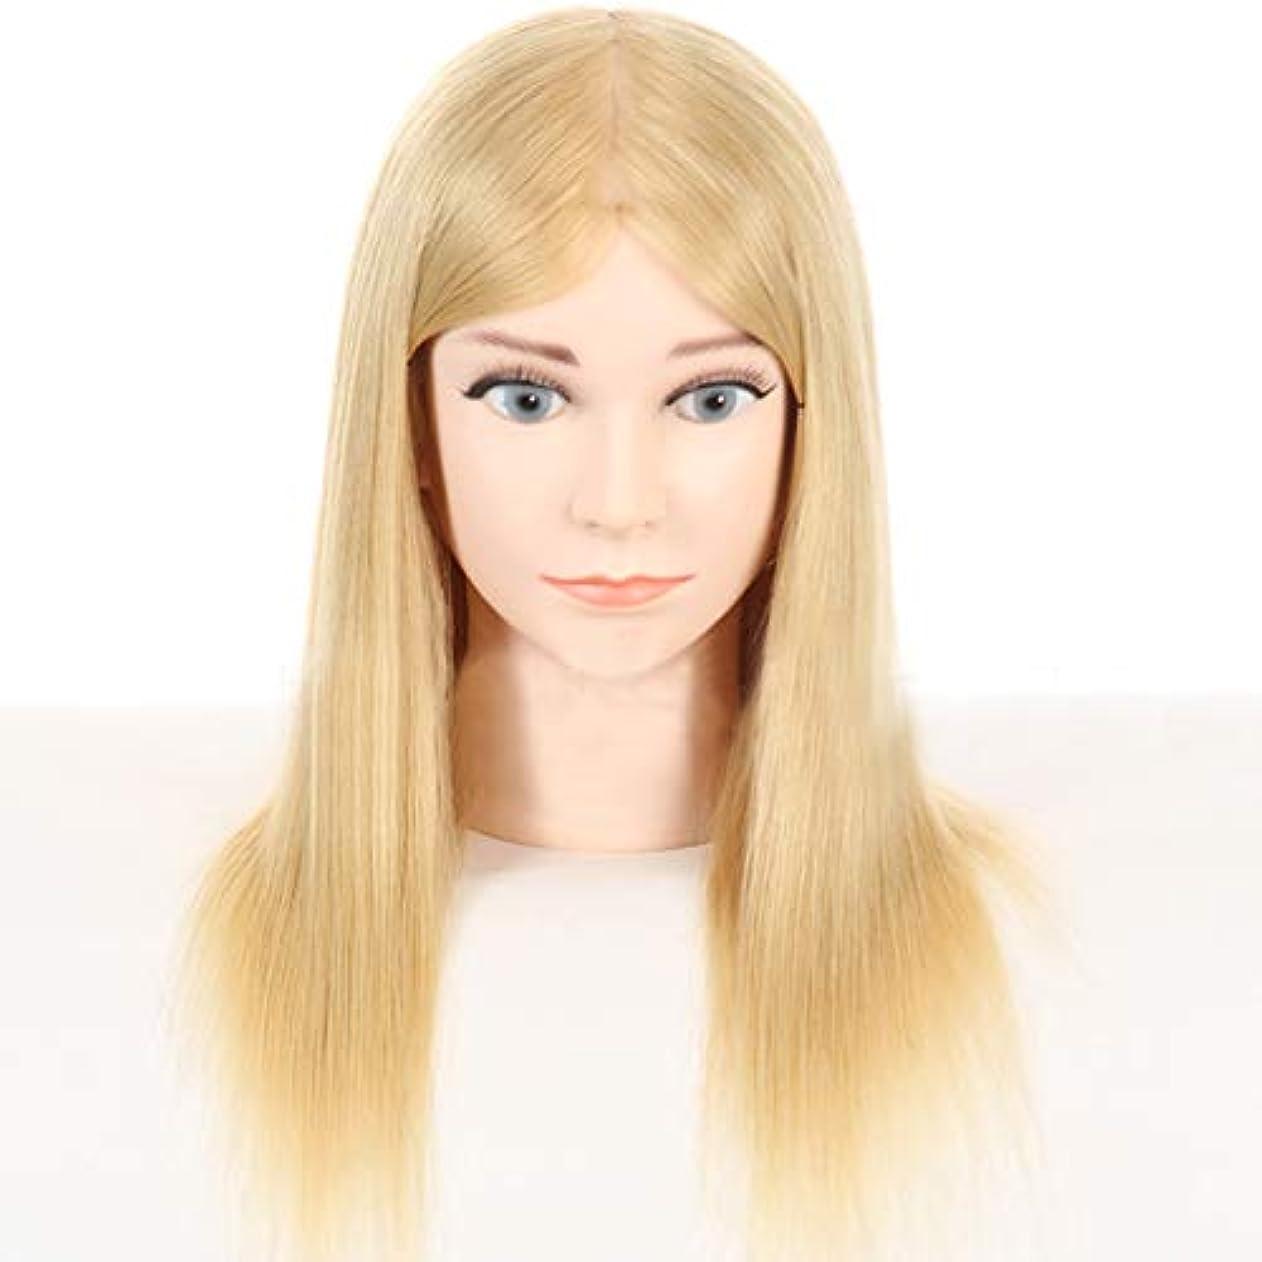 教授展示会プレゼント本物の人間の髪のかつらの頭の金型の理髪の髪型のスタイリングマネキンの頭の理髪店の練習の練習ダミーヘッド